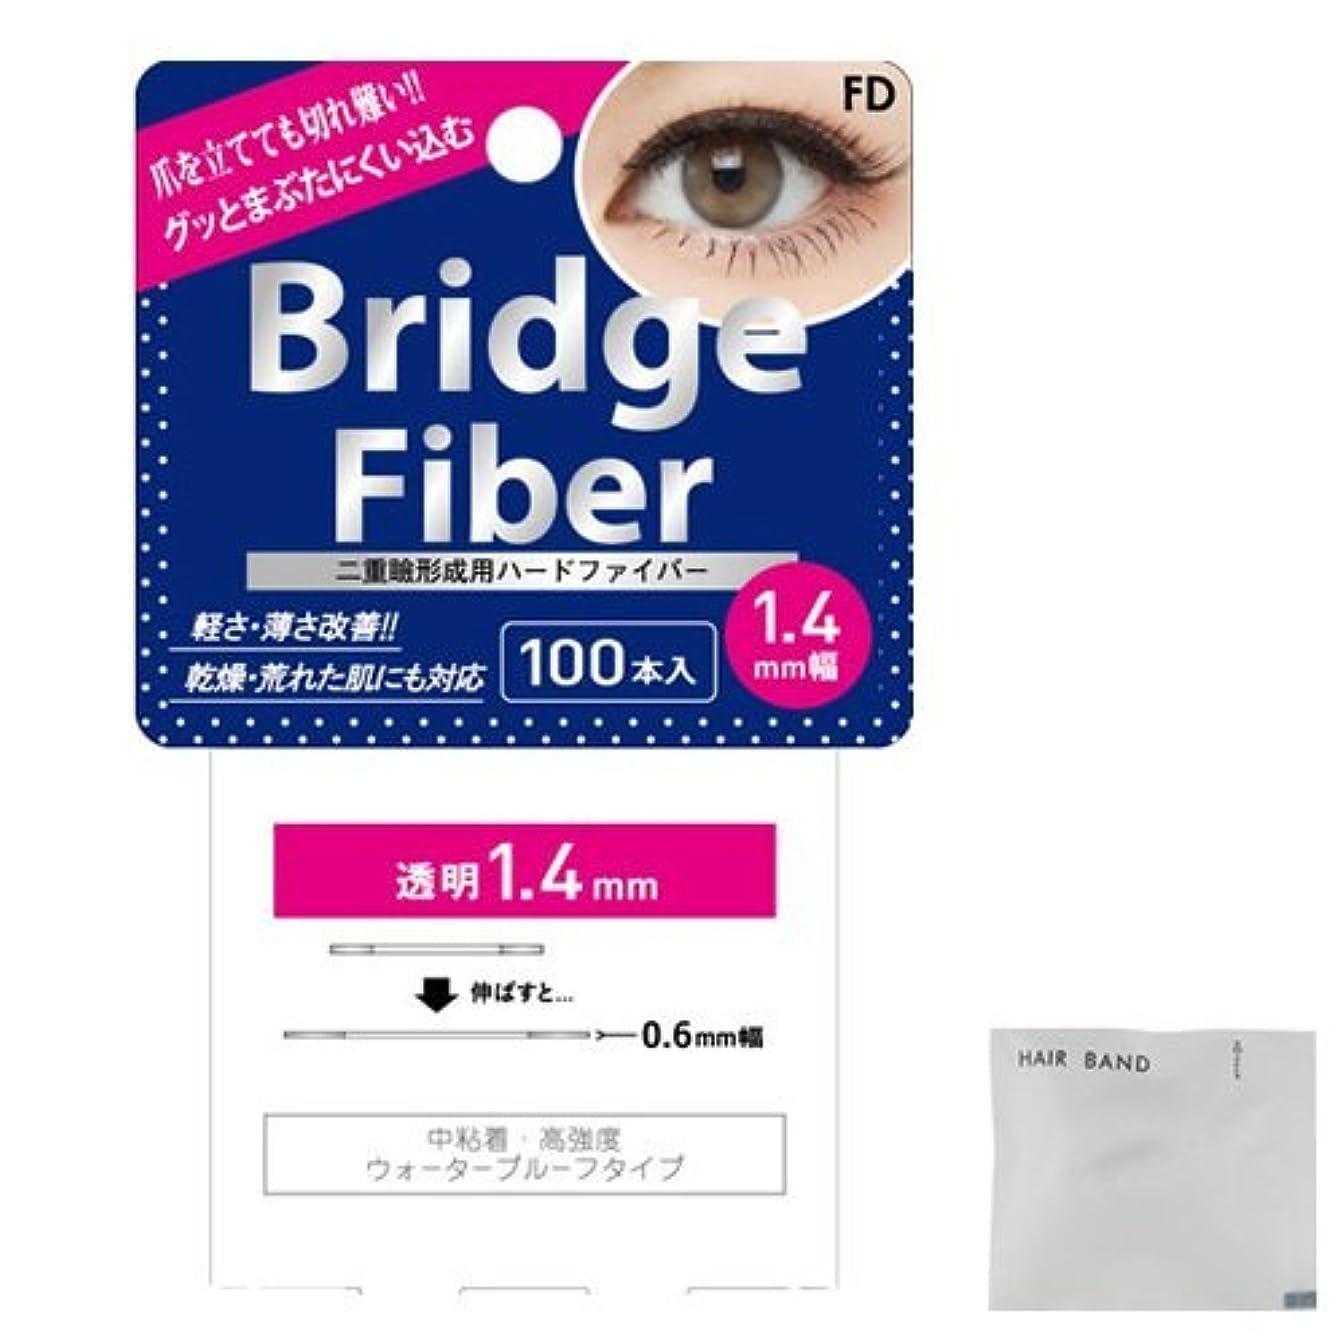 定義する父方の伝染性FD ブリッジファイバーⅡ (Bridge Fiber) クリア1.4mm + ヘアゴム(カラーはおまかせ)セット